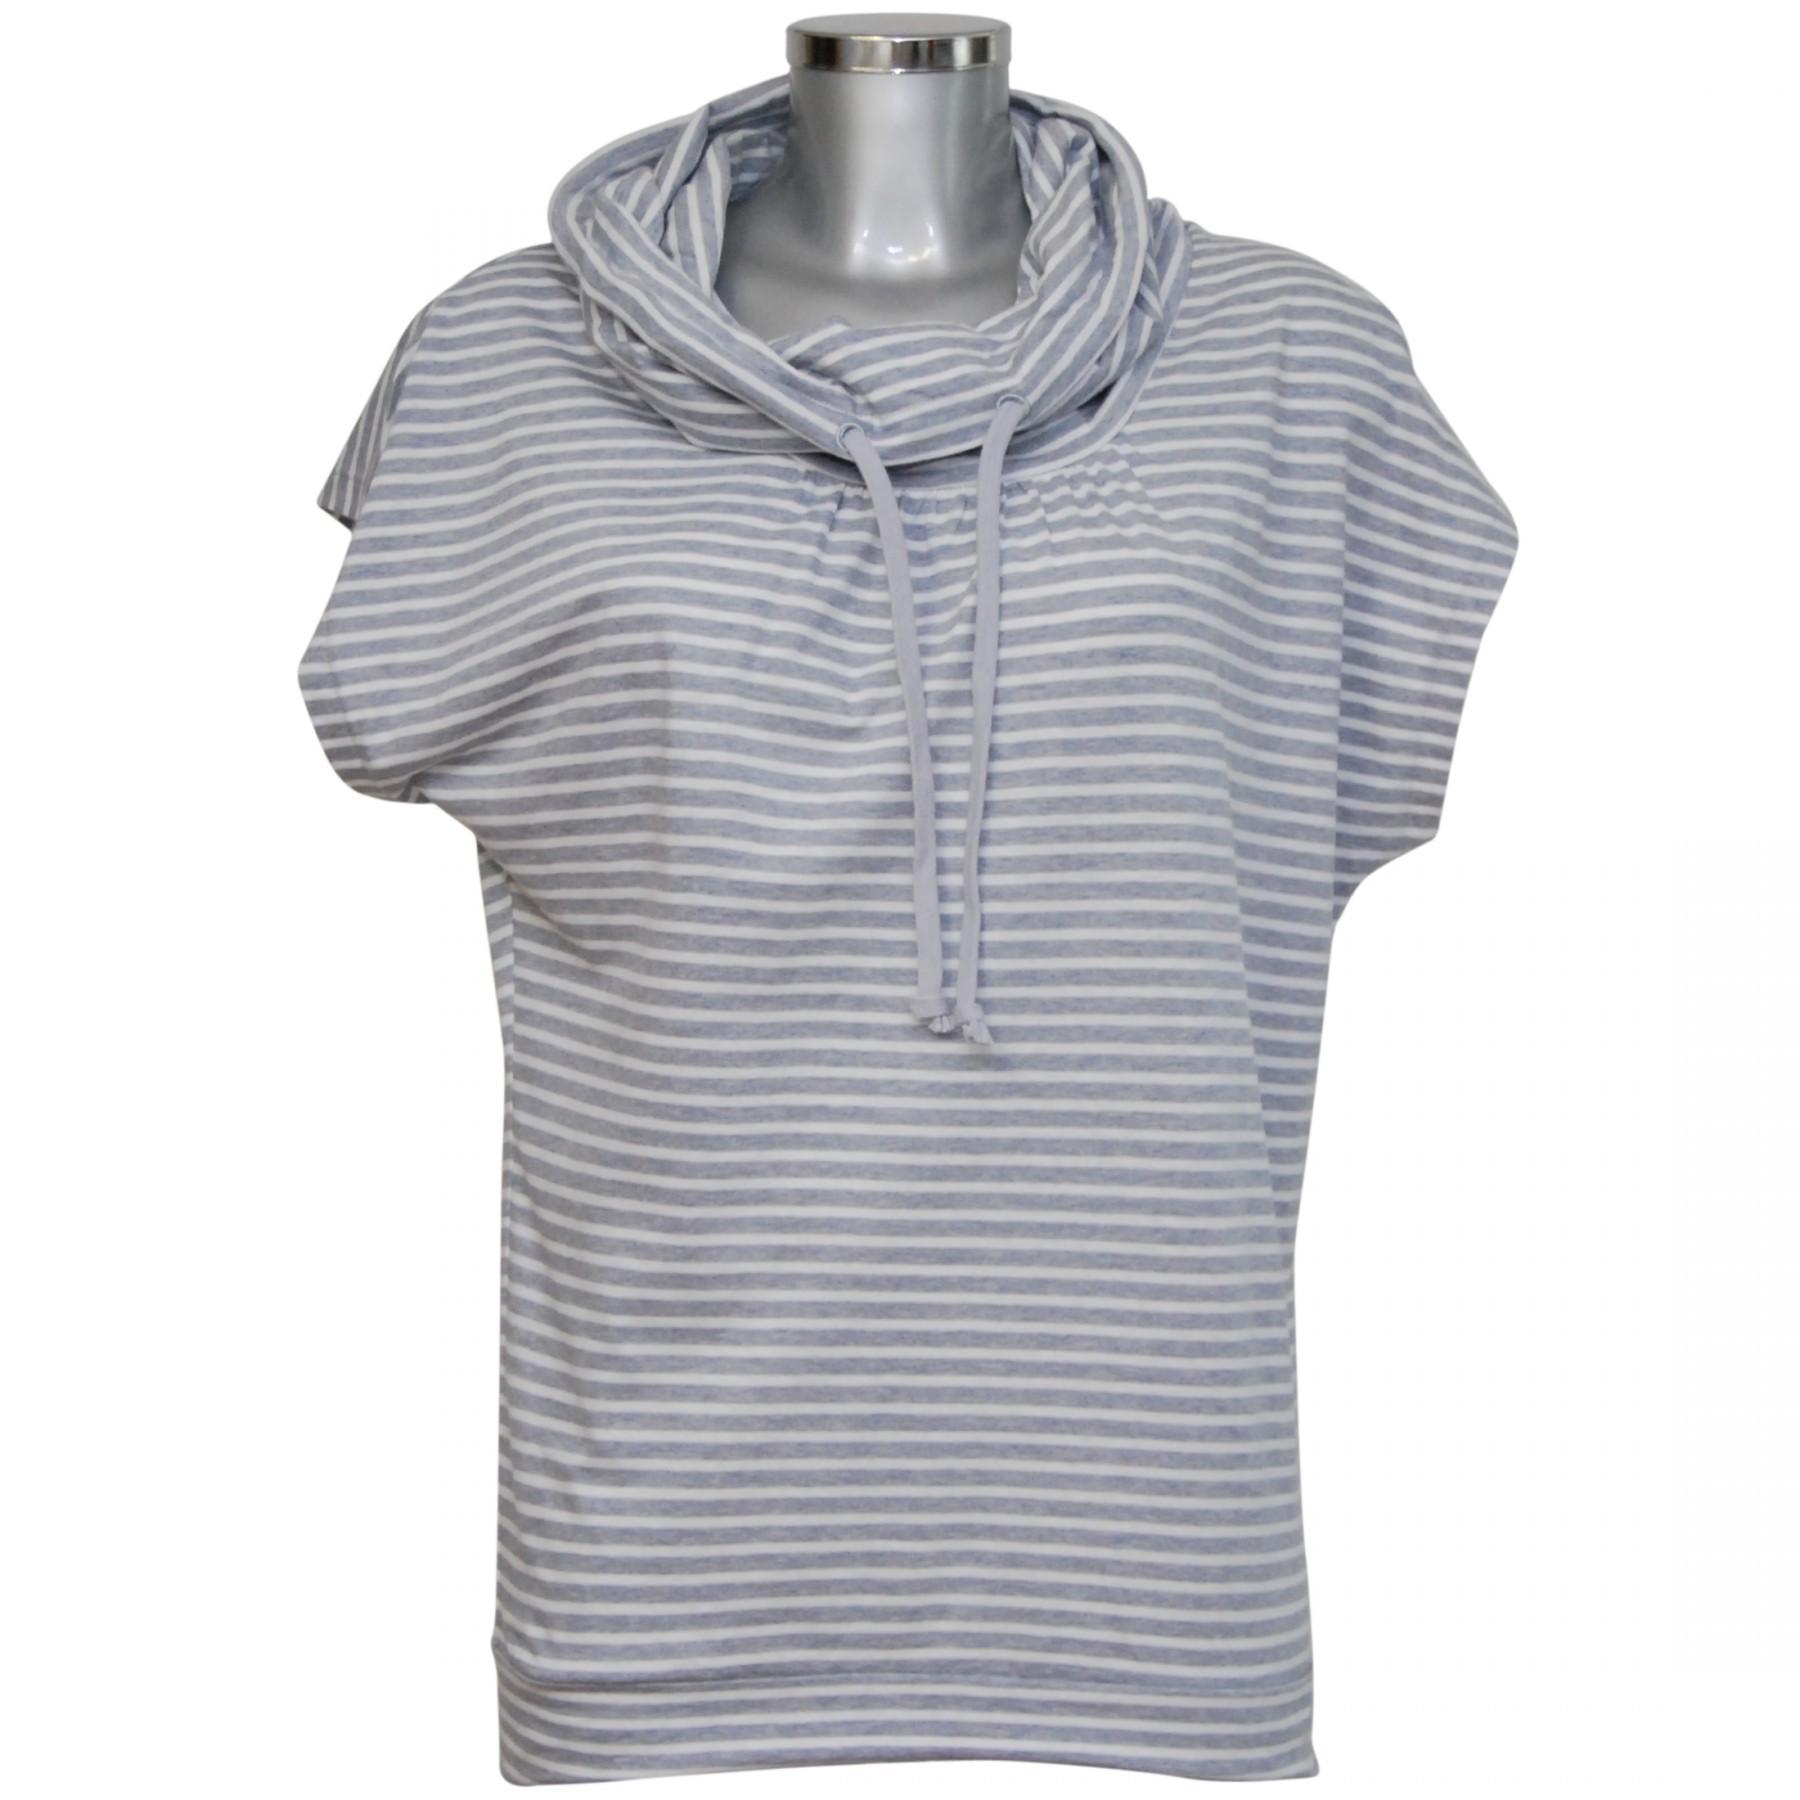 dca03f47a04d5a MelanieM Damen T-Shirt kurzarm Loop-Kragen reine Baumwolle MelanieM